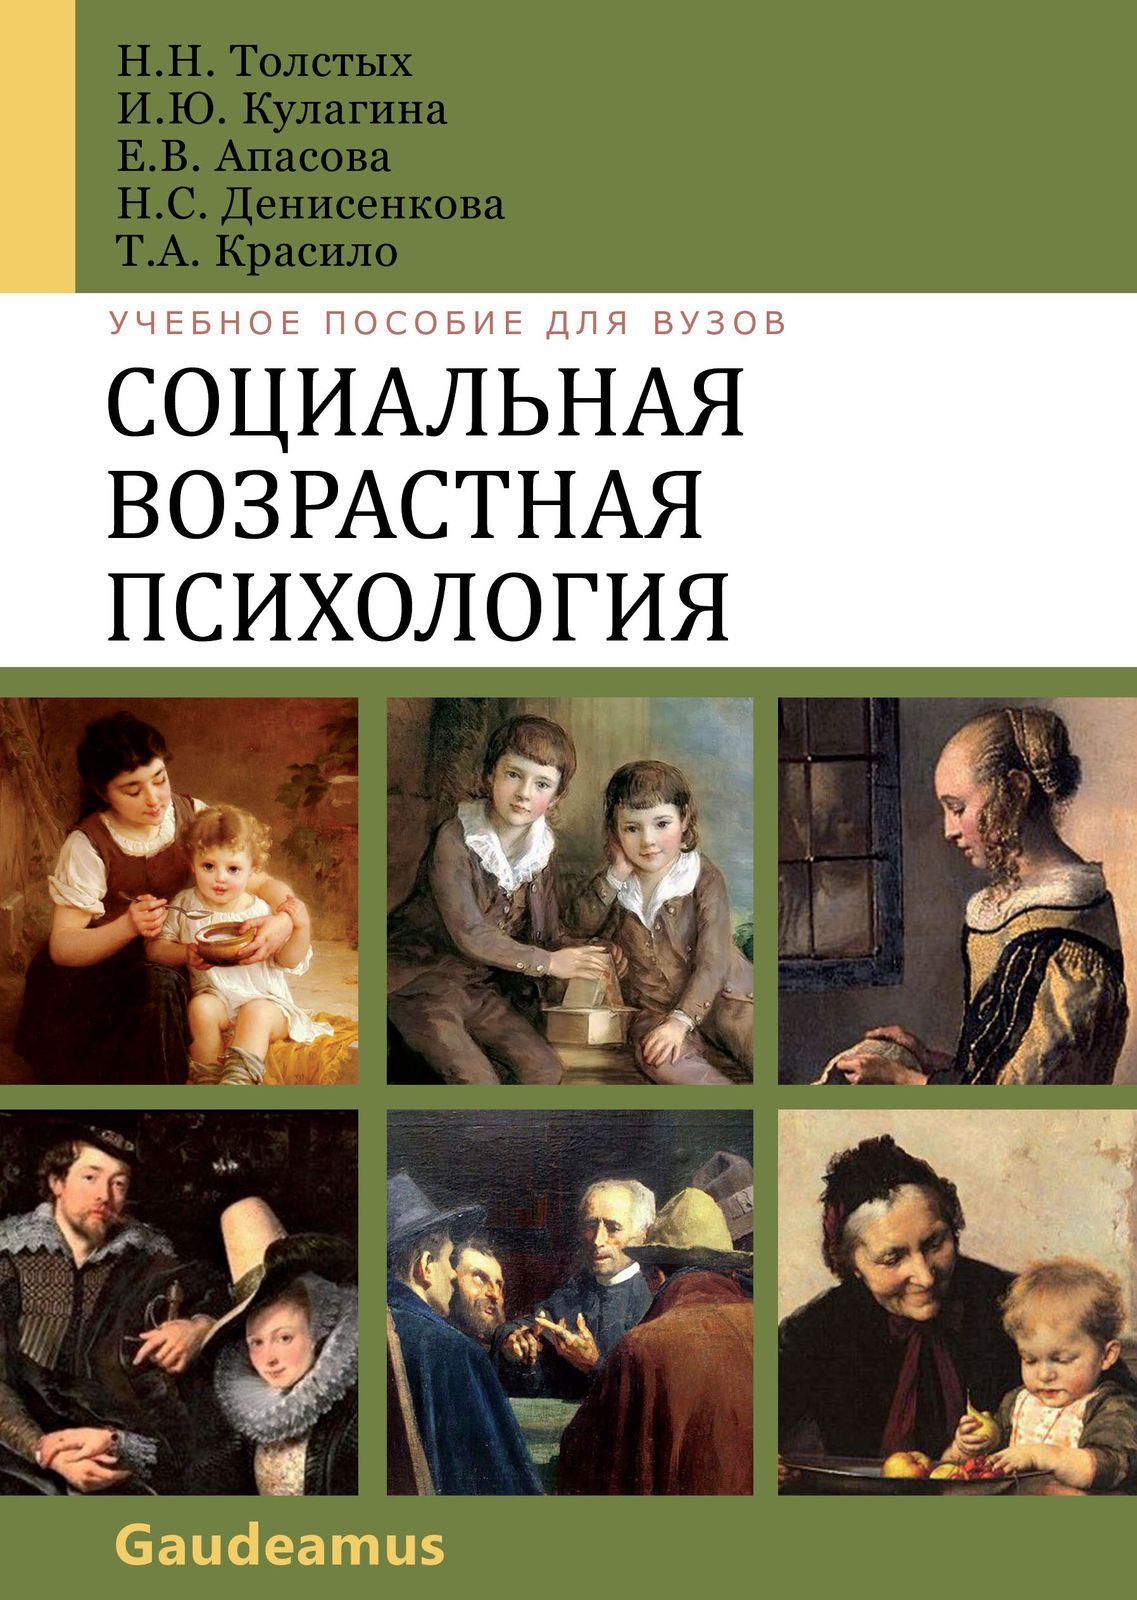 Толстых Н.Н., Кулагина И.Ю., Апасова Е.В. Социальная возрастная психология. Учебное пособие